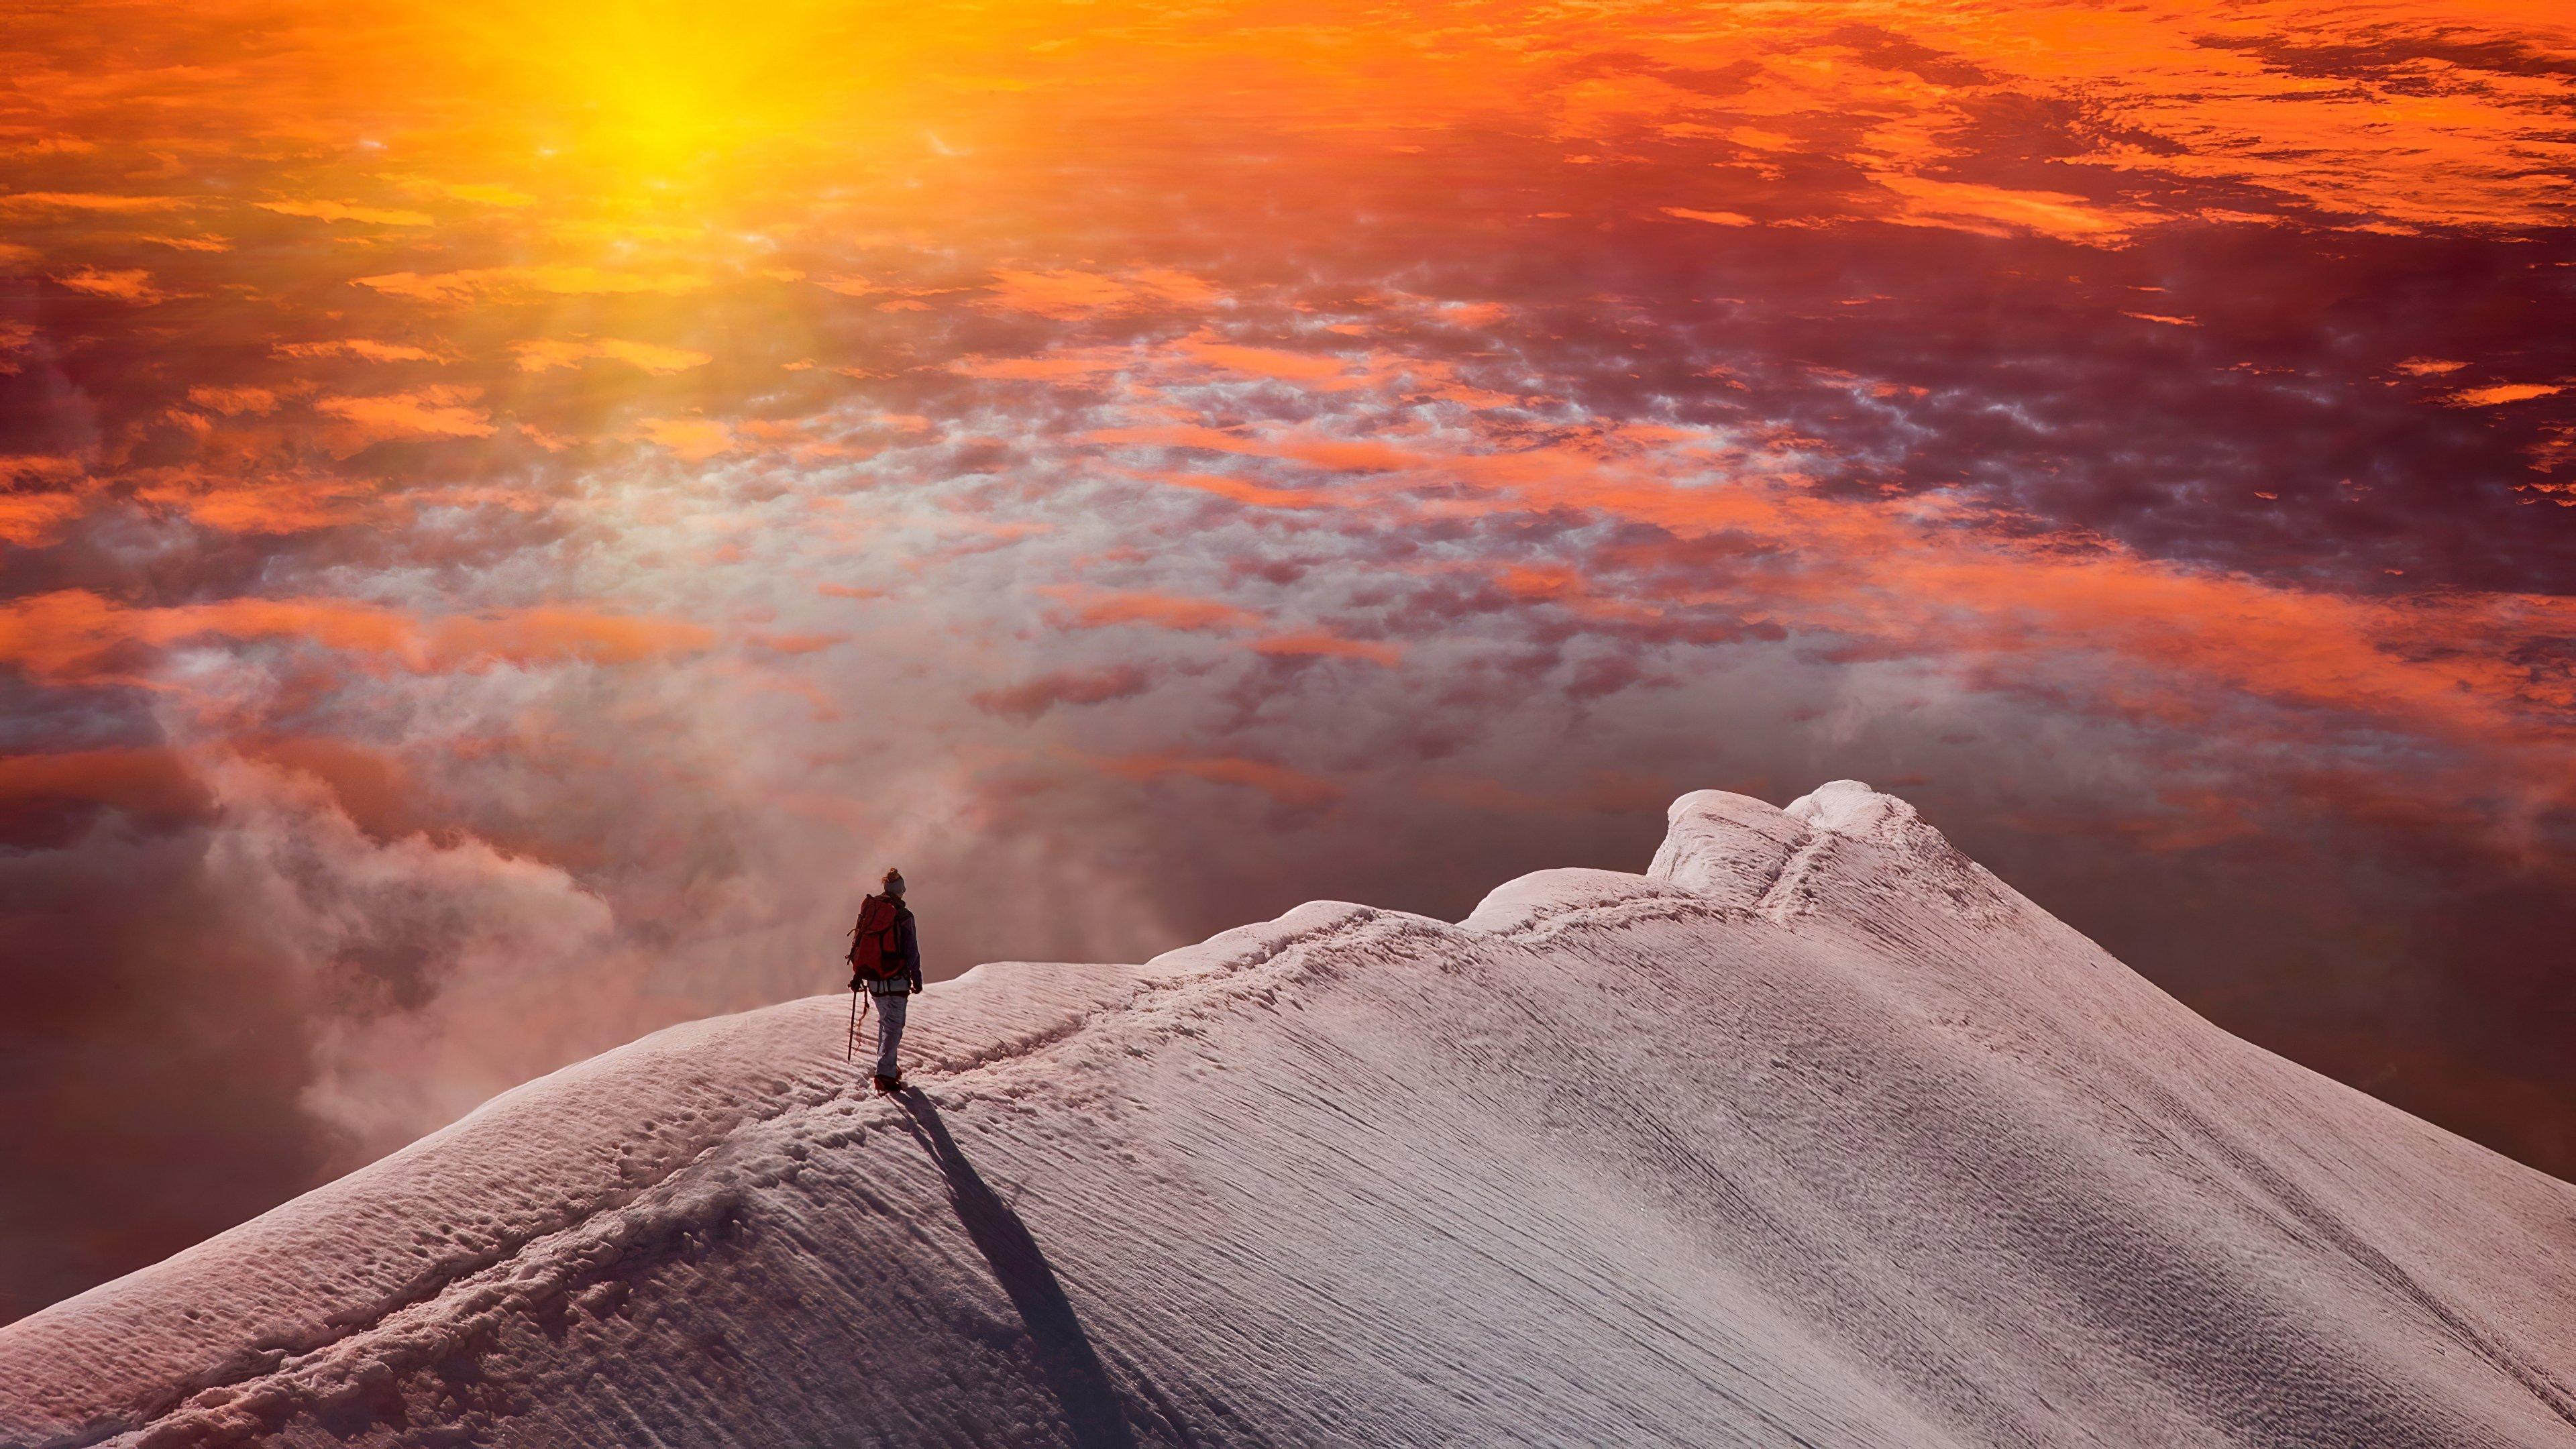 Fondos de pantalla Hombre en la cima de una montaña